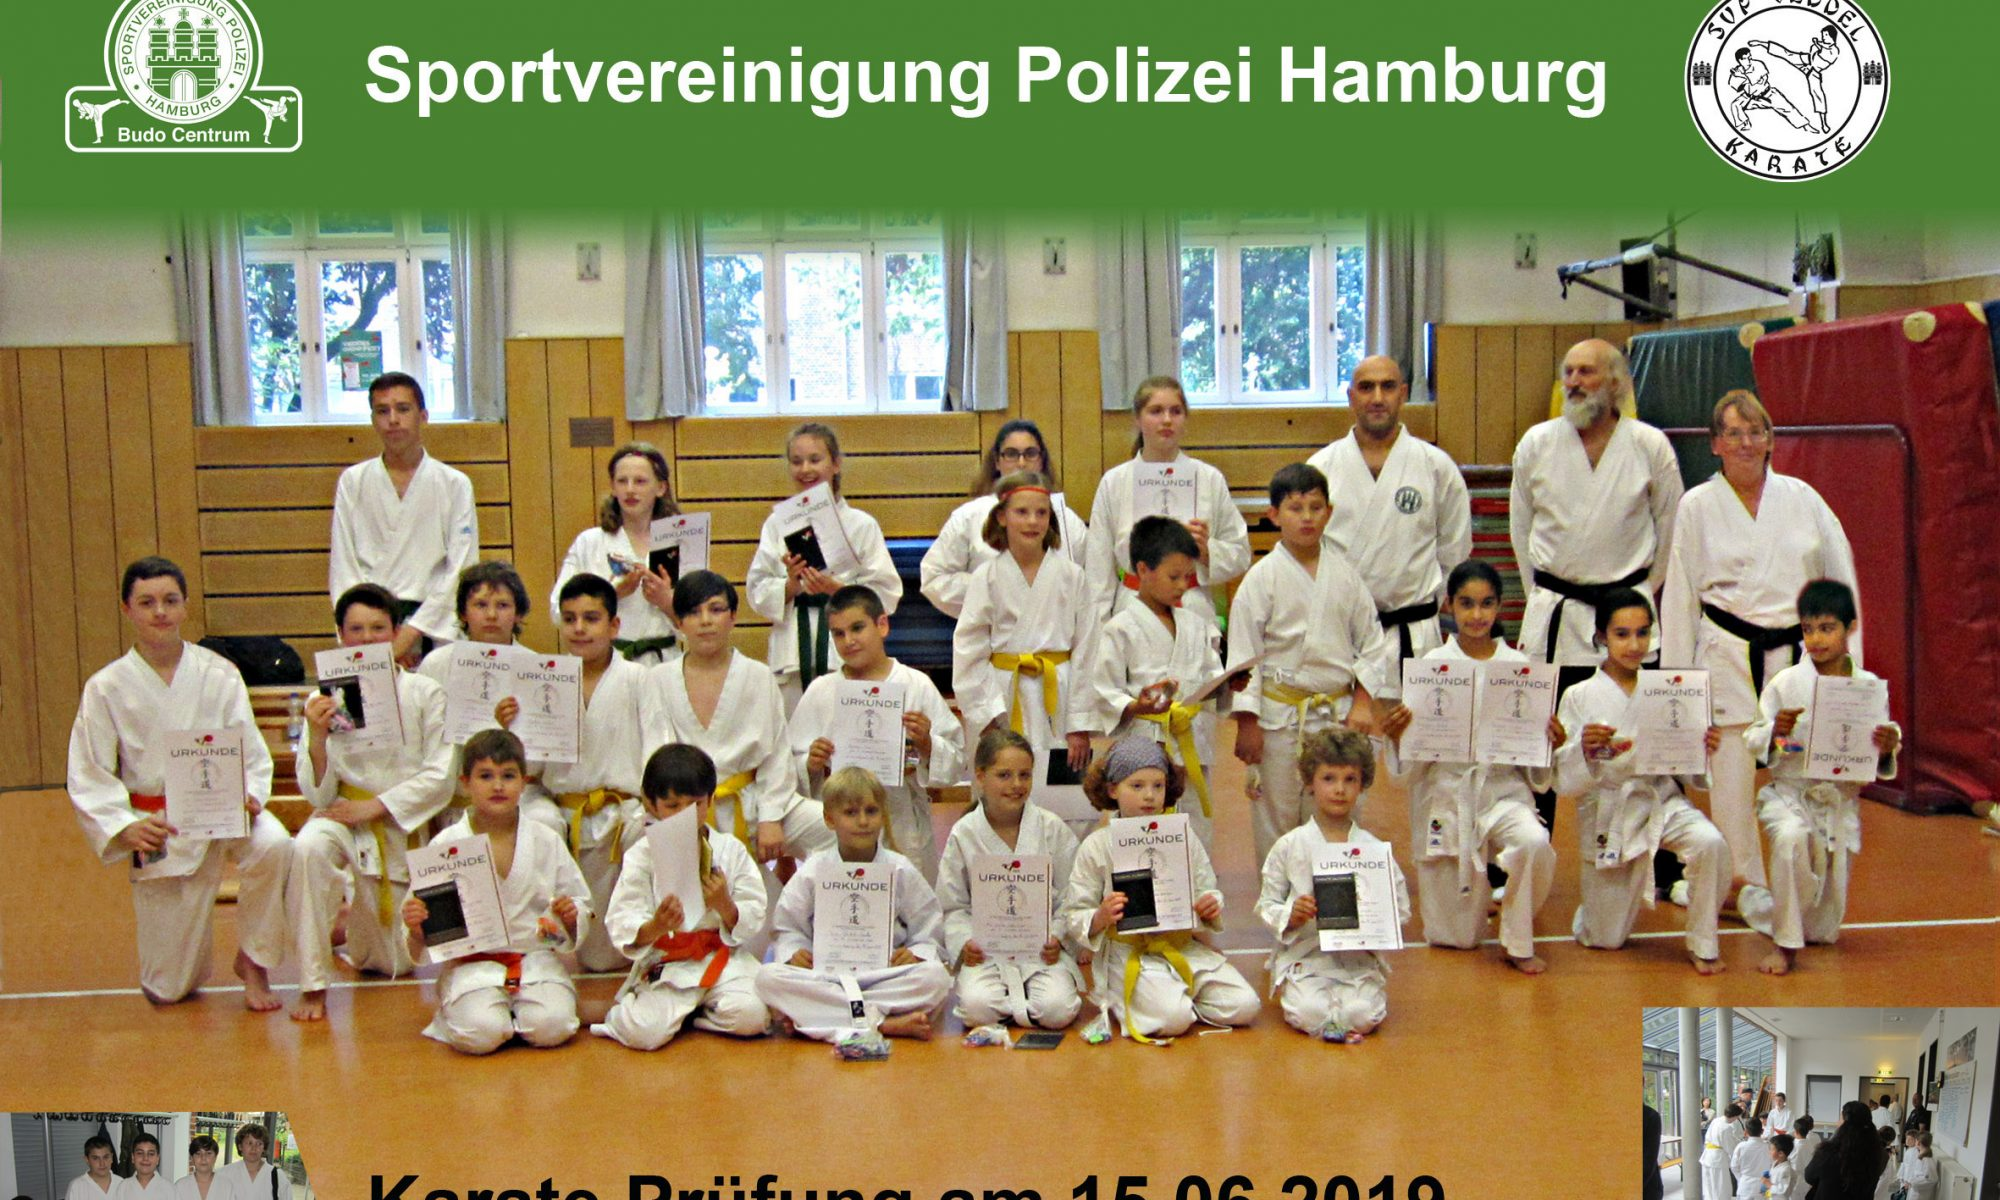 Karate Prüfung der SV Polizei Hamburg 2019